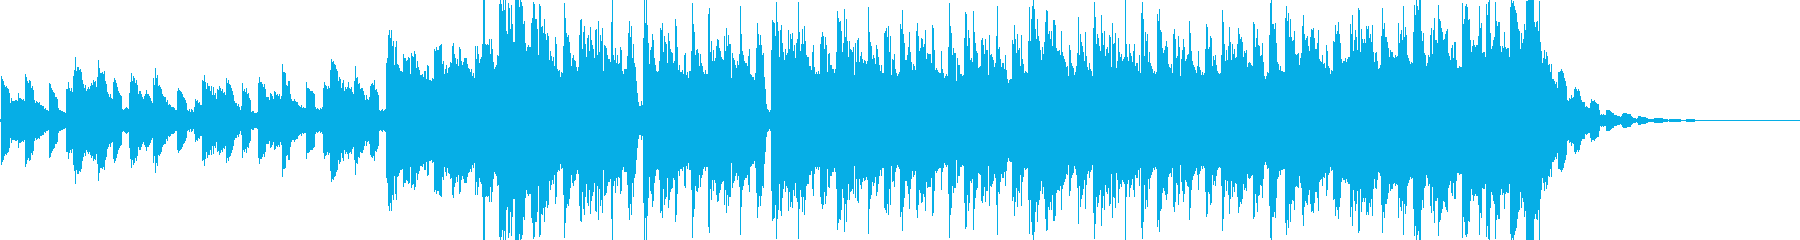 EDMショーリール向けの再生済みの波形